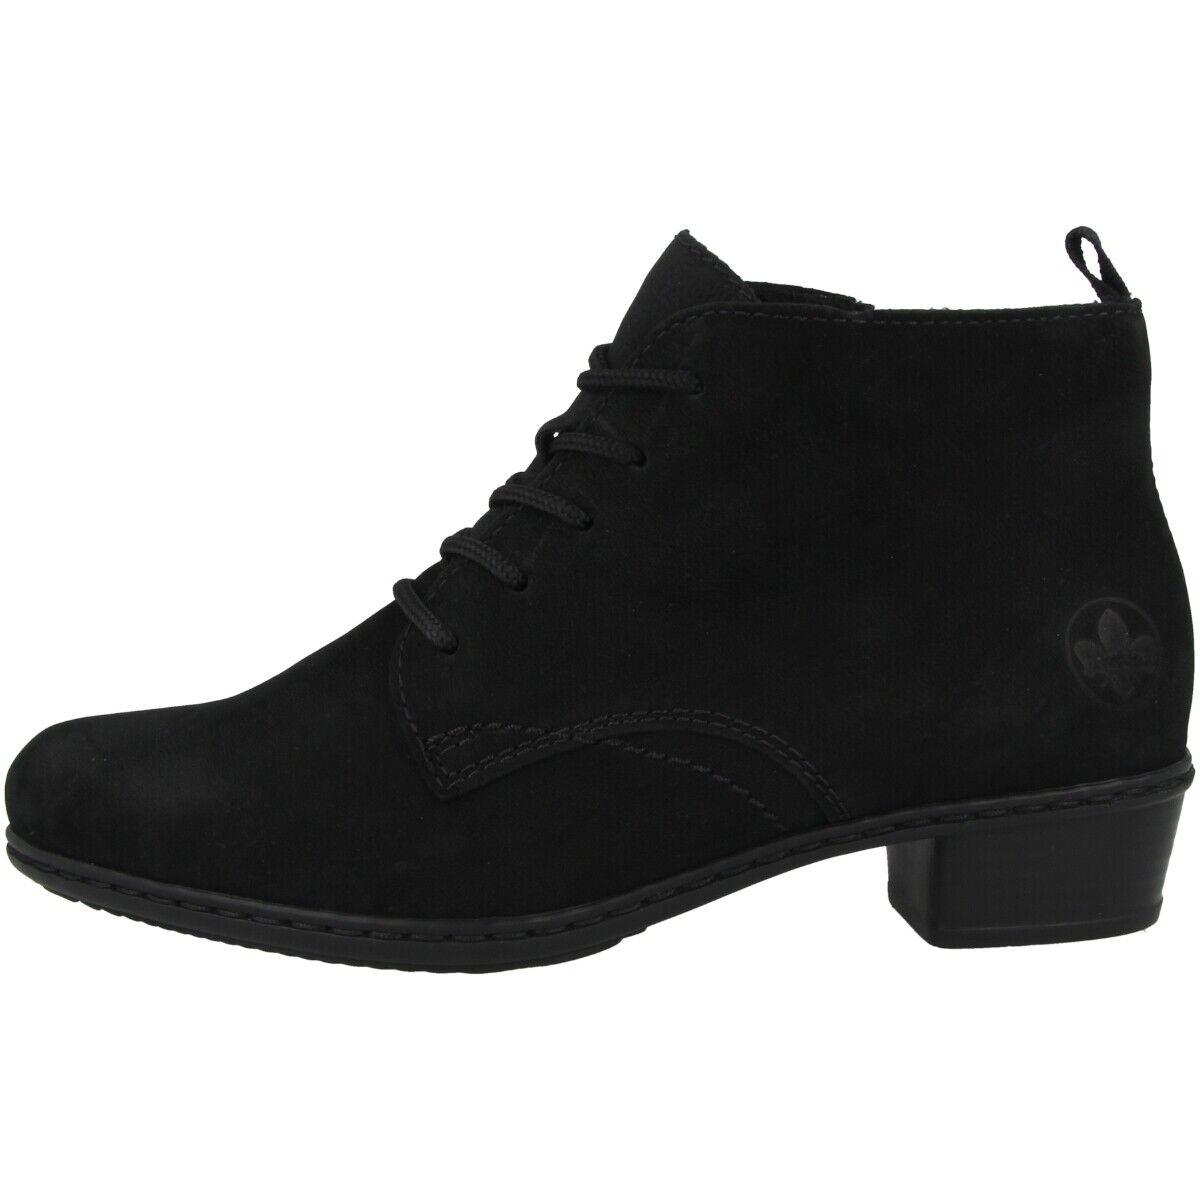 Damen Stiefel Overknee Boot Langschaft Plateau Club Stiefel 36 37 38 39 40 41